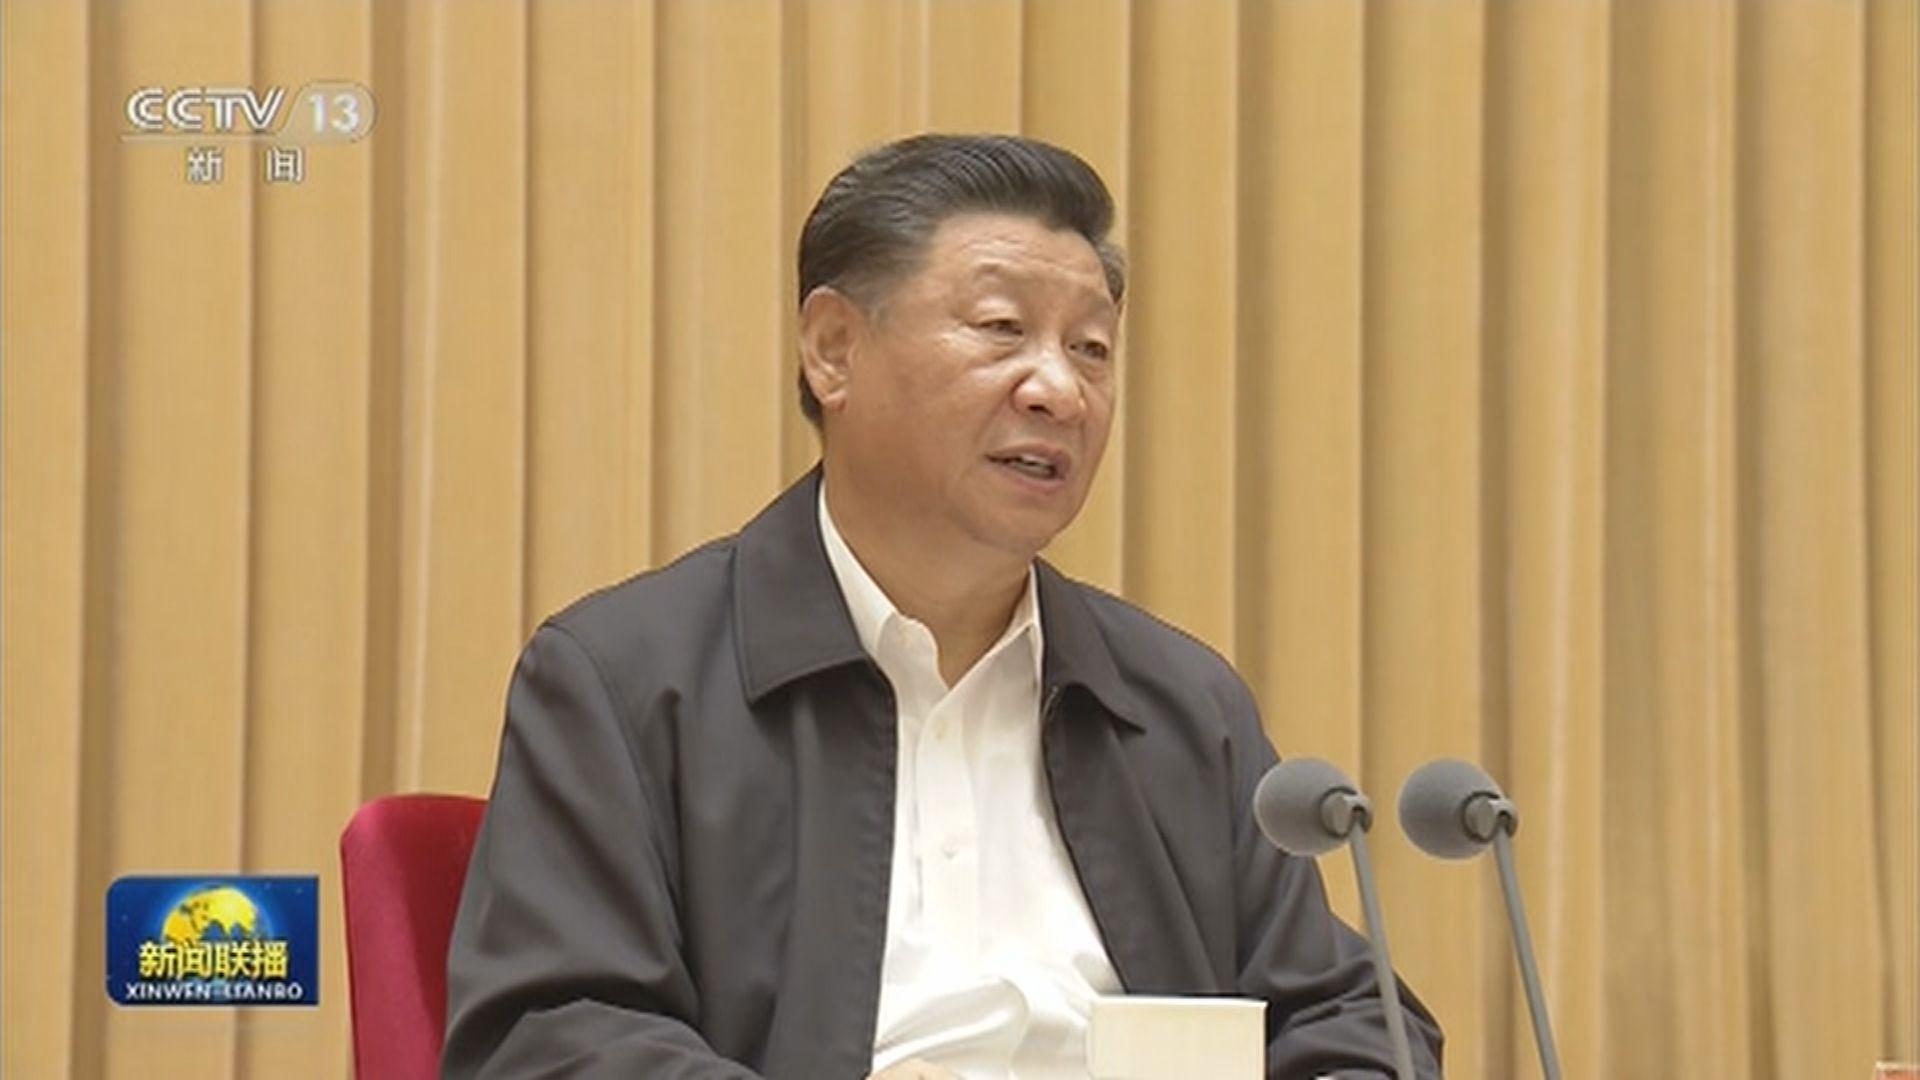 習近平指保護好青藏高原生態是對中華民族最大貢獻